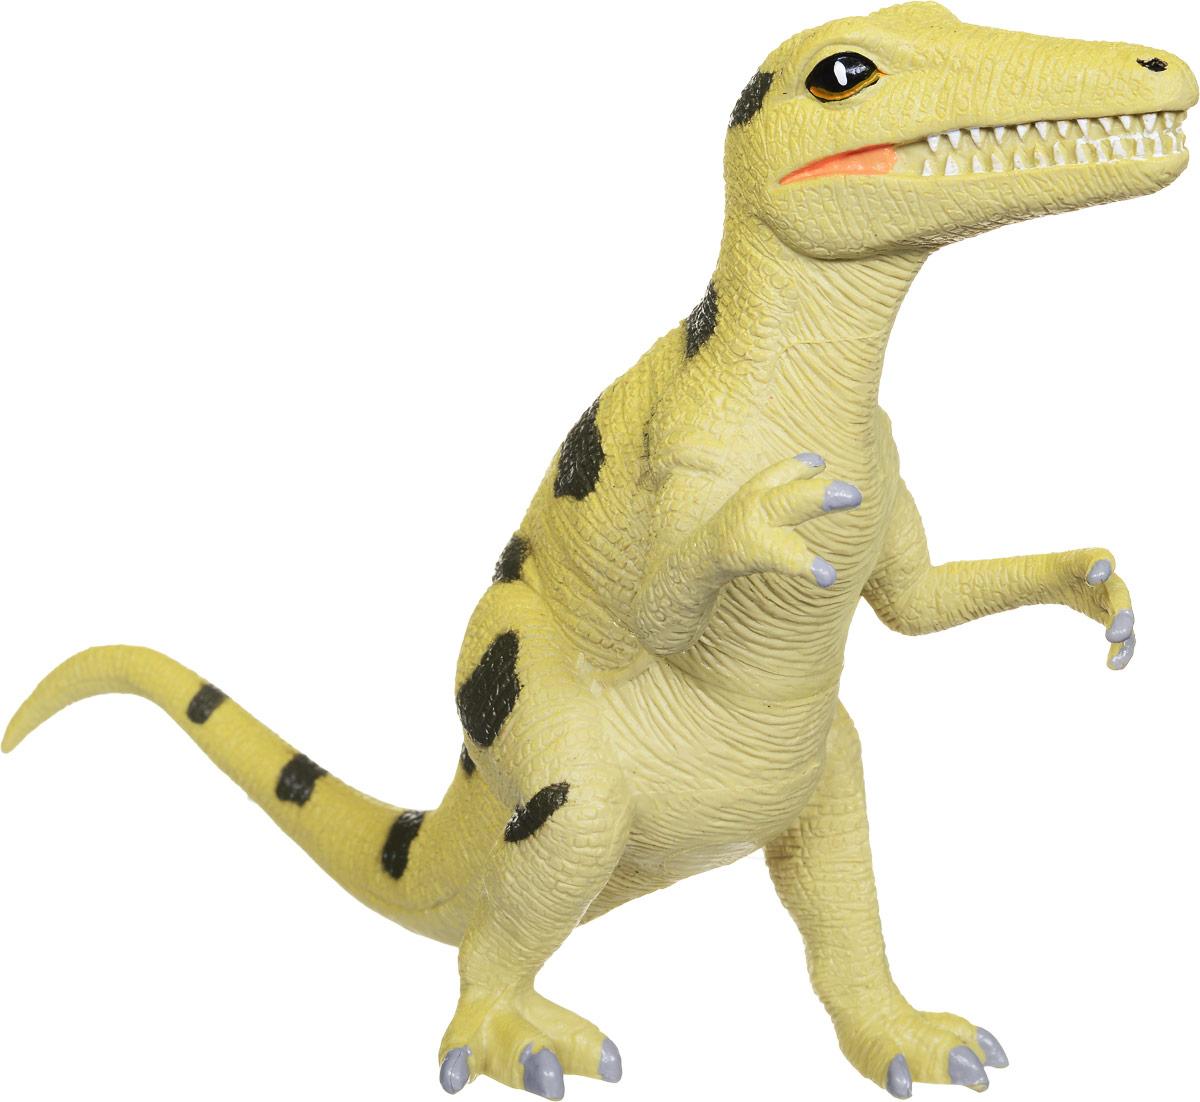 Играем вместе Фигурка Динозавр цвет желтый222-Фигурка Играем вместе Динозавр очень реалистично выглядит. С такой игрушкой маленький натуралист сможет полностью погрузиться в атмосферу древней эры динозавров. Коллекция игрушек Рассказы о животных создана специально для маленьких любителей животных, она рассказывает и показывает различных обитателей нашей планеты, в том числе и тех, кто жил много миллионов лет назад, как этот динозавр.